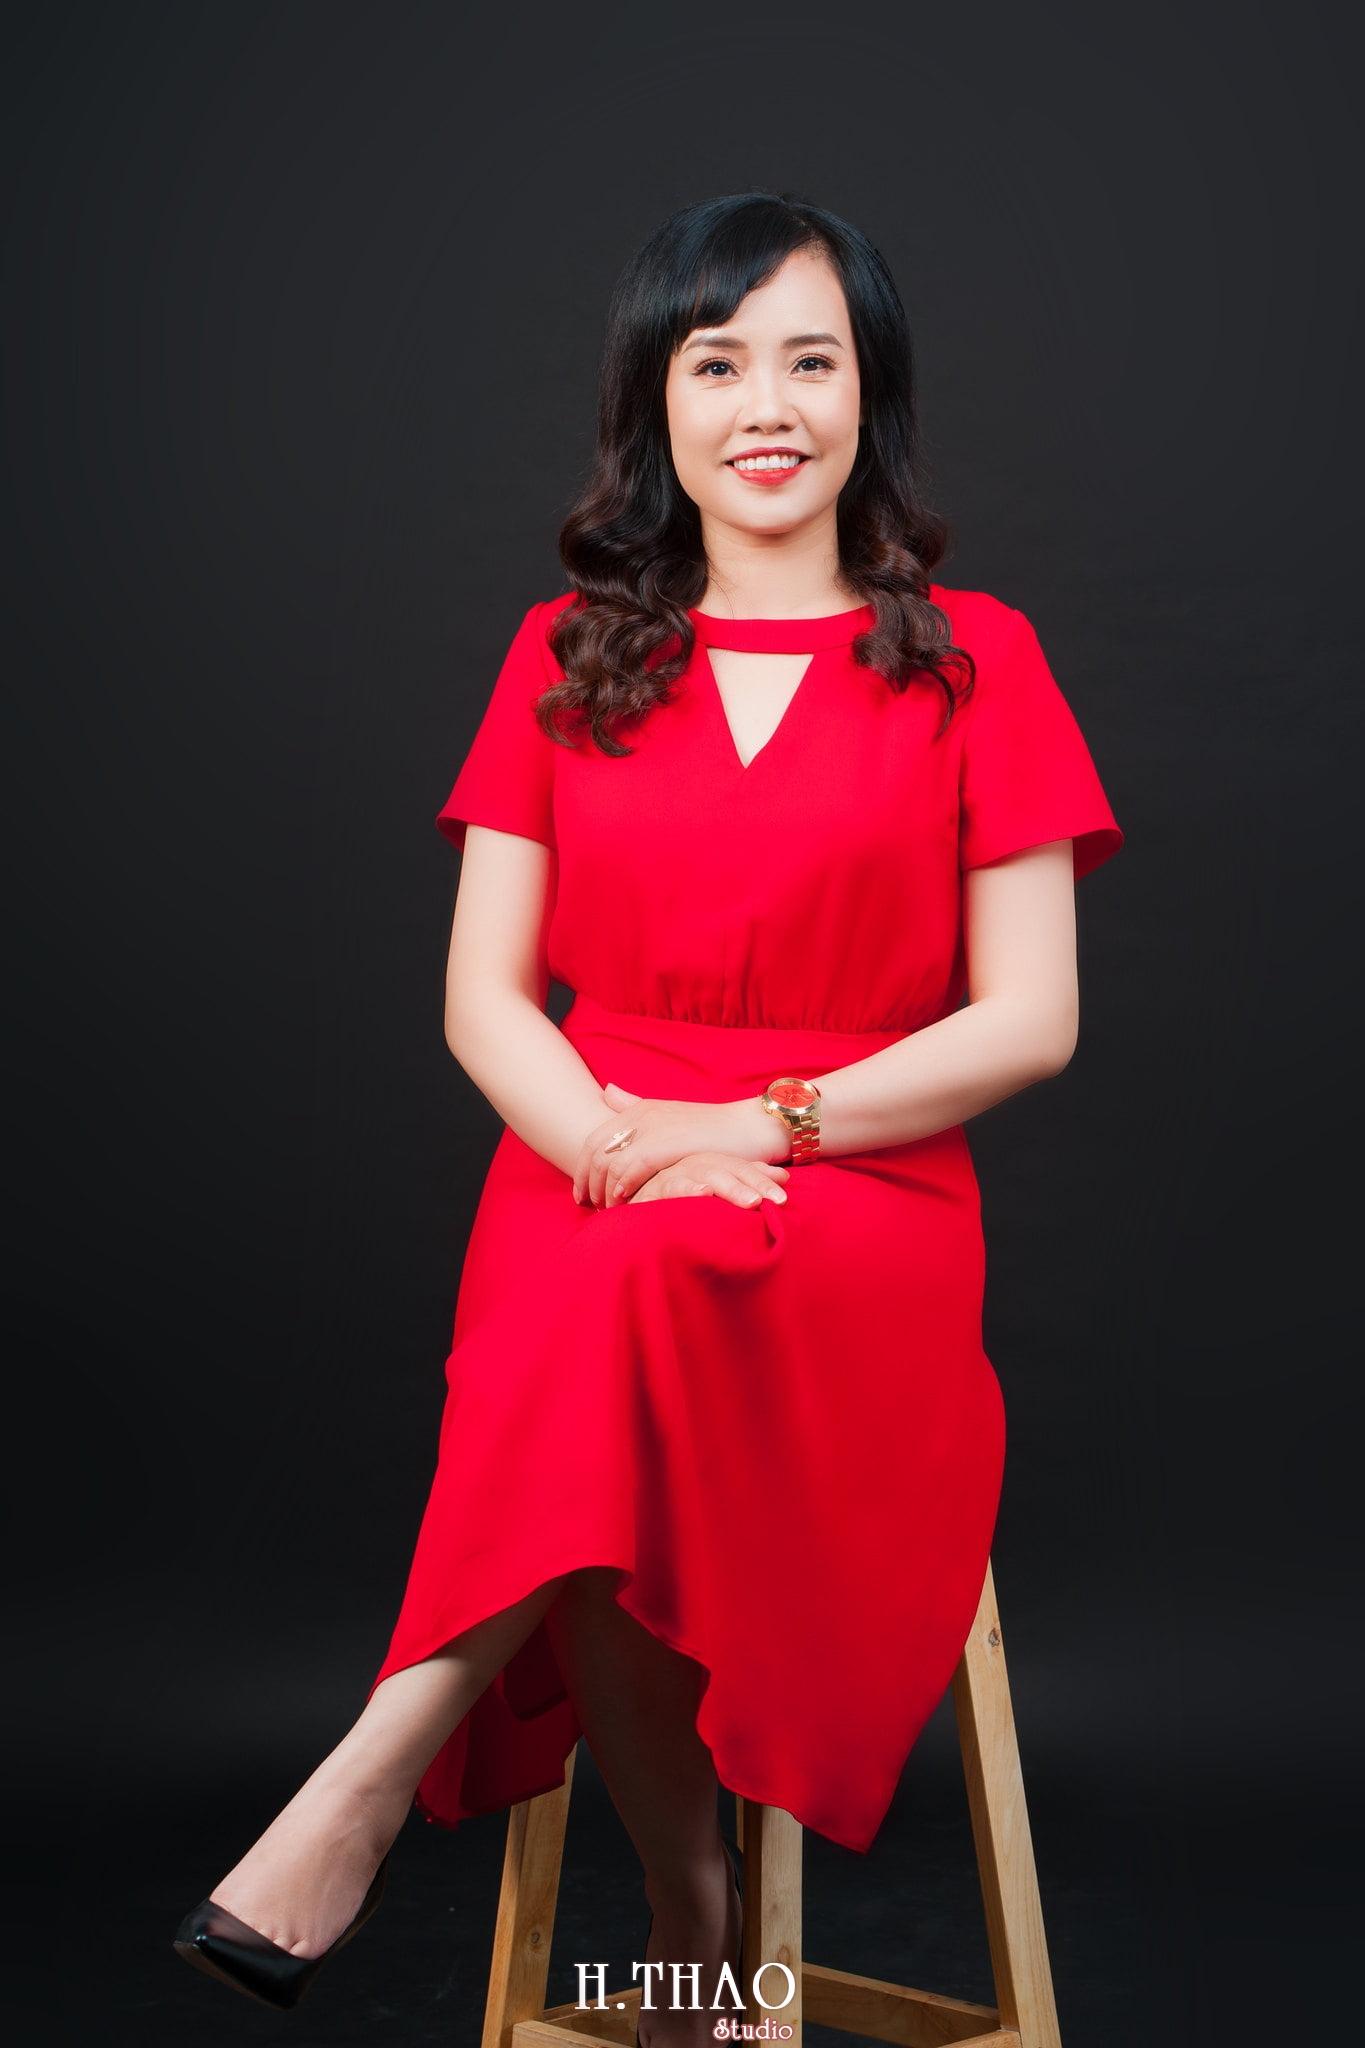 Thu Trang 8 - Chụp ảnh nữ doanh nhân Thu Trang tại HThao Studio – Tp.HCM